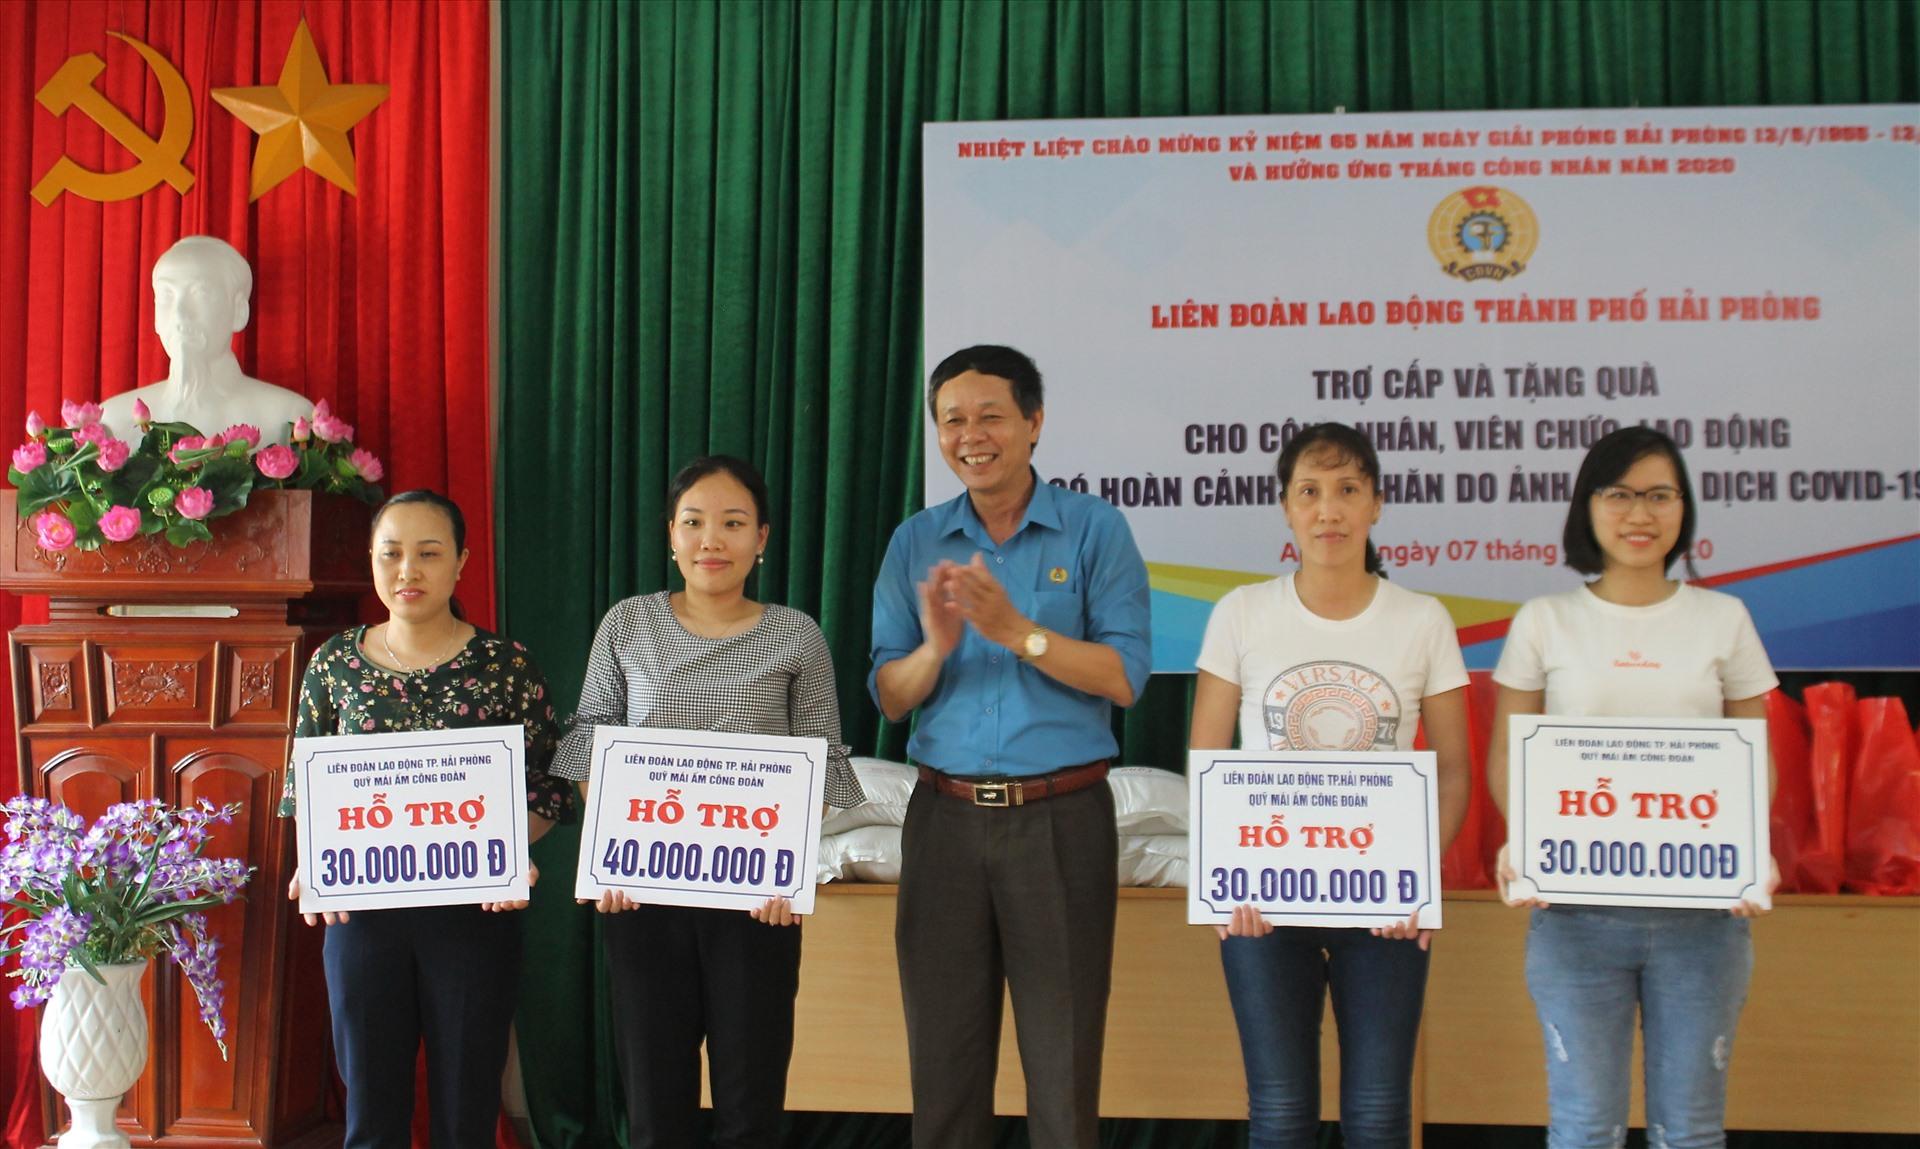 4 đoàn viên hoàn cảnh khó khăn được nhận hỗ trợ kinh phí xây nhà Mái ấm Công đoàn. Ảnh Mai Dung